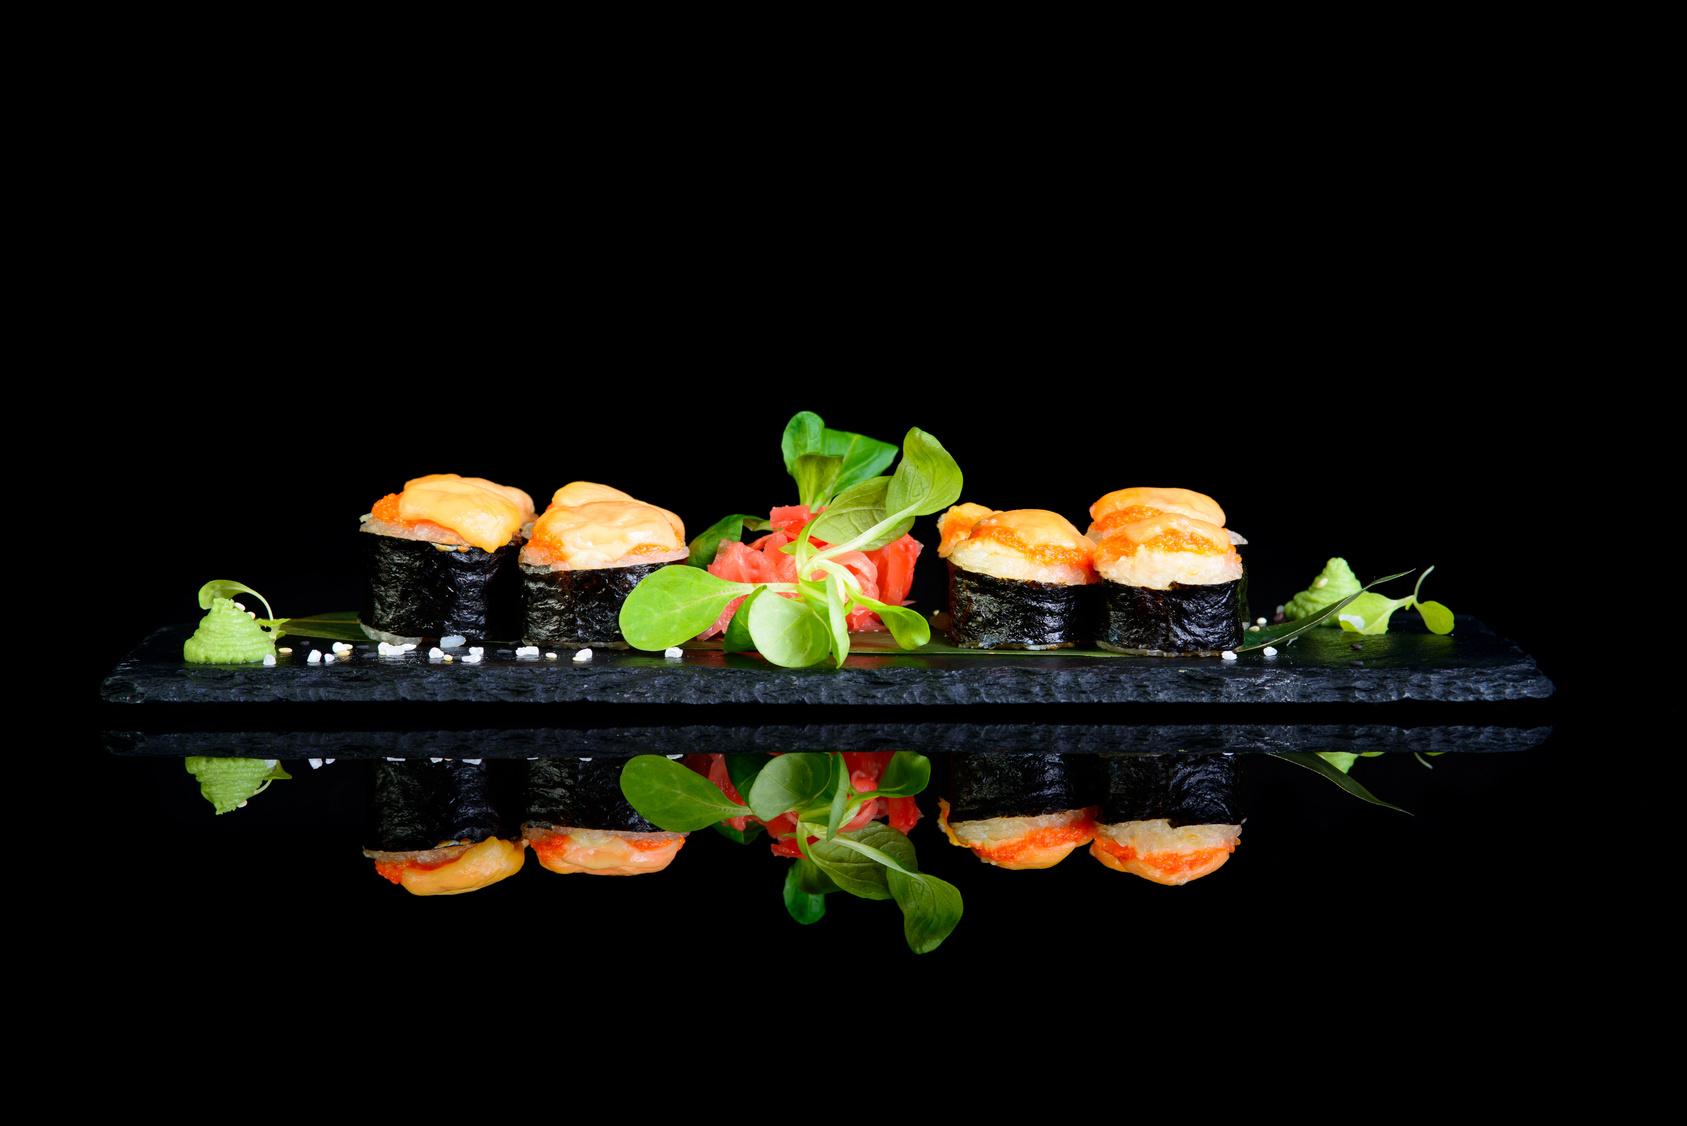 Yllätys- tasting menu Ravintola DOMOssa 2 tai 4:lle alk. vain 59€